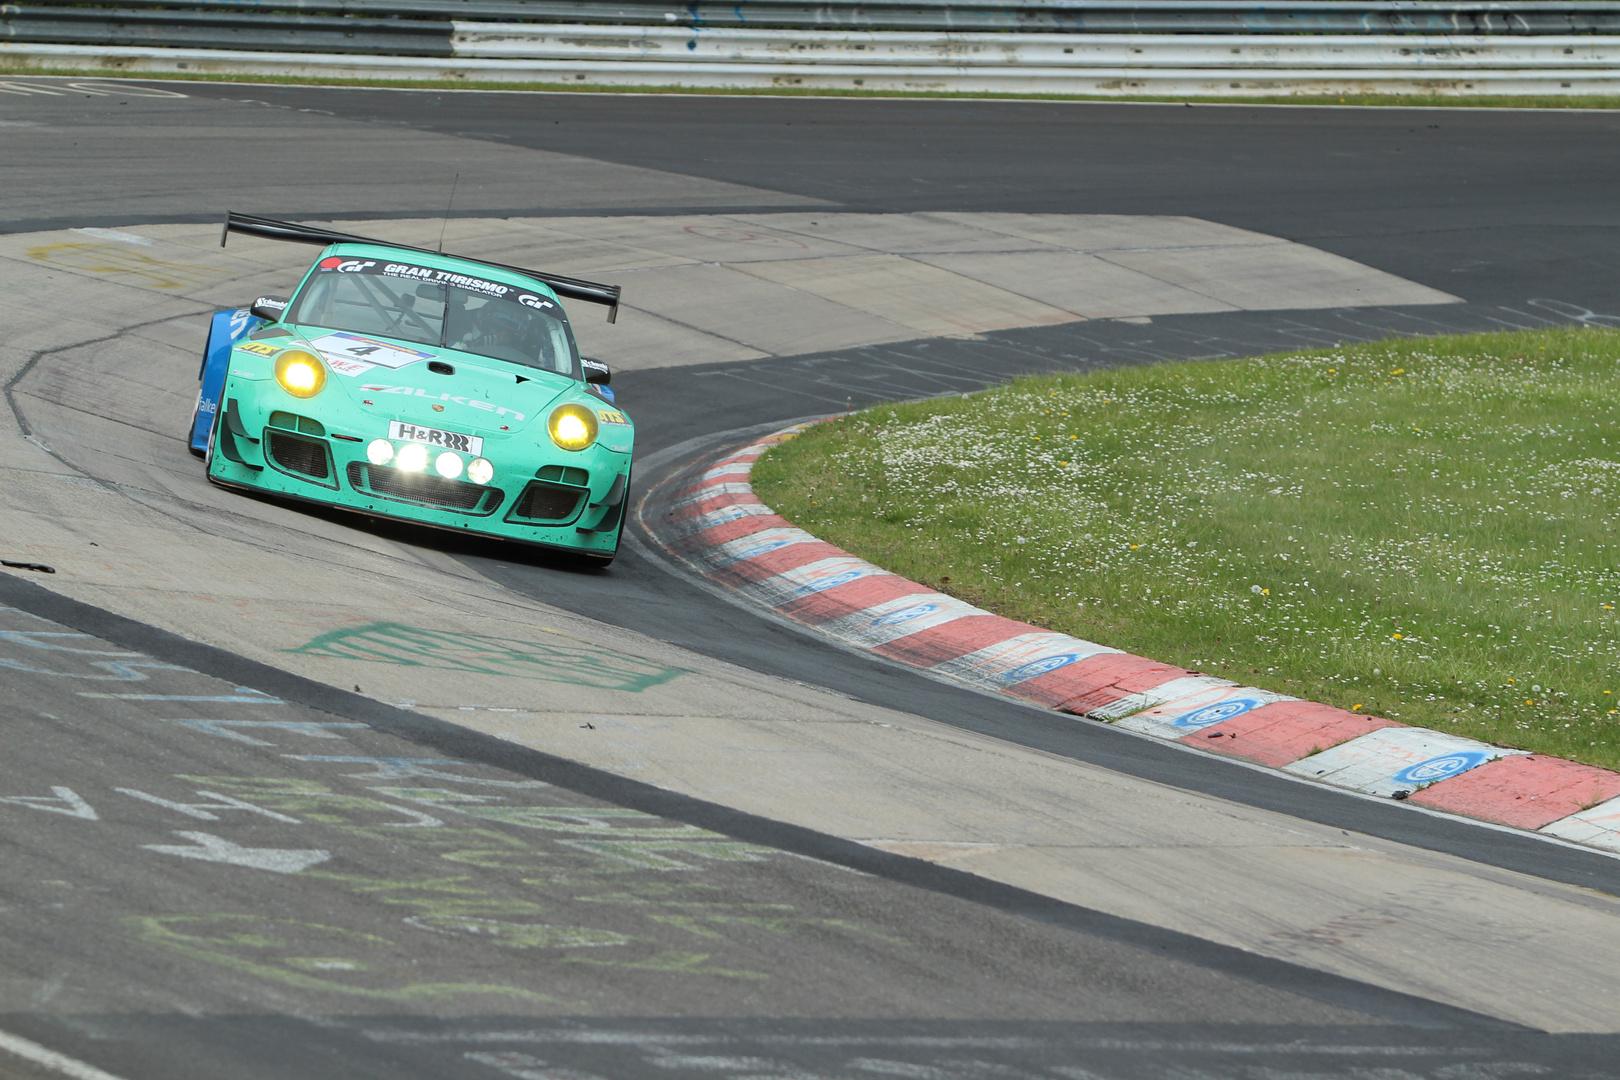 Falken Porsche 991 Gt3 RSR